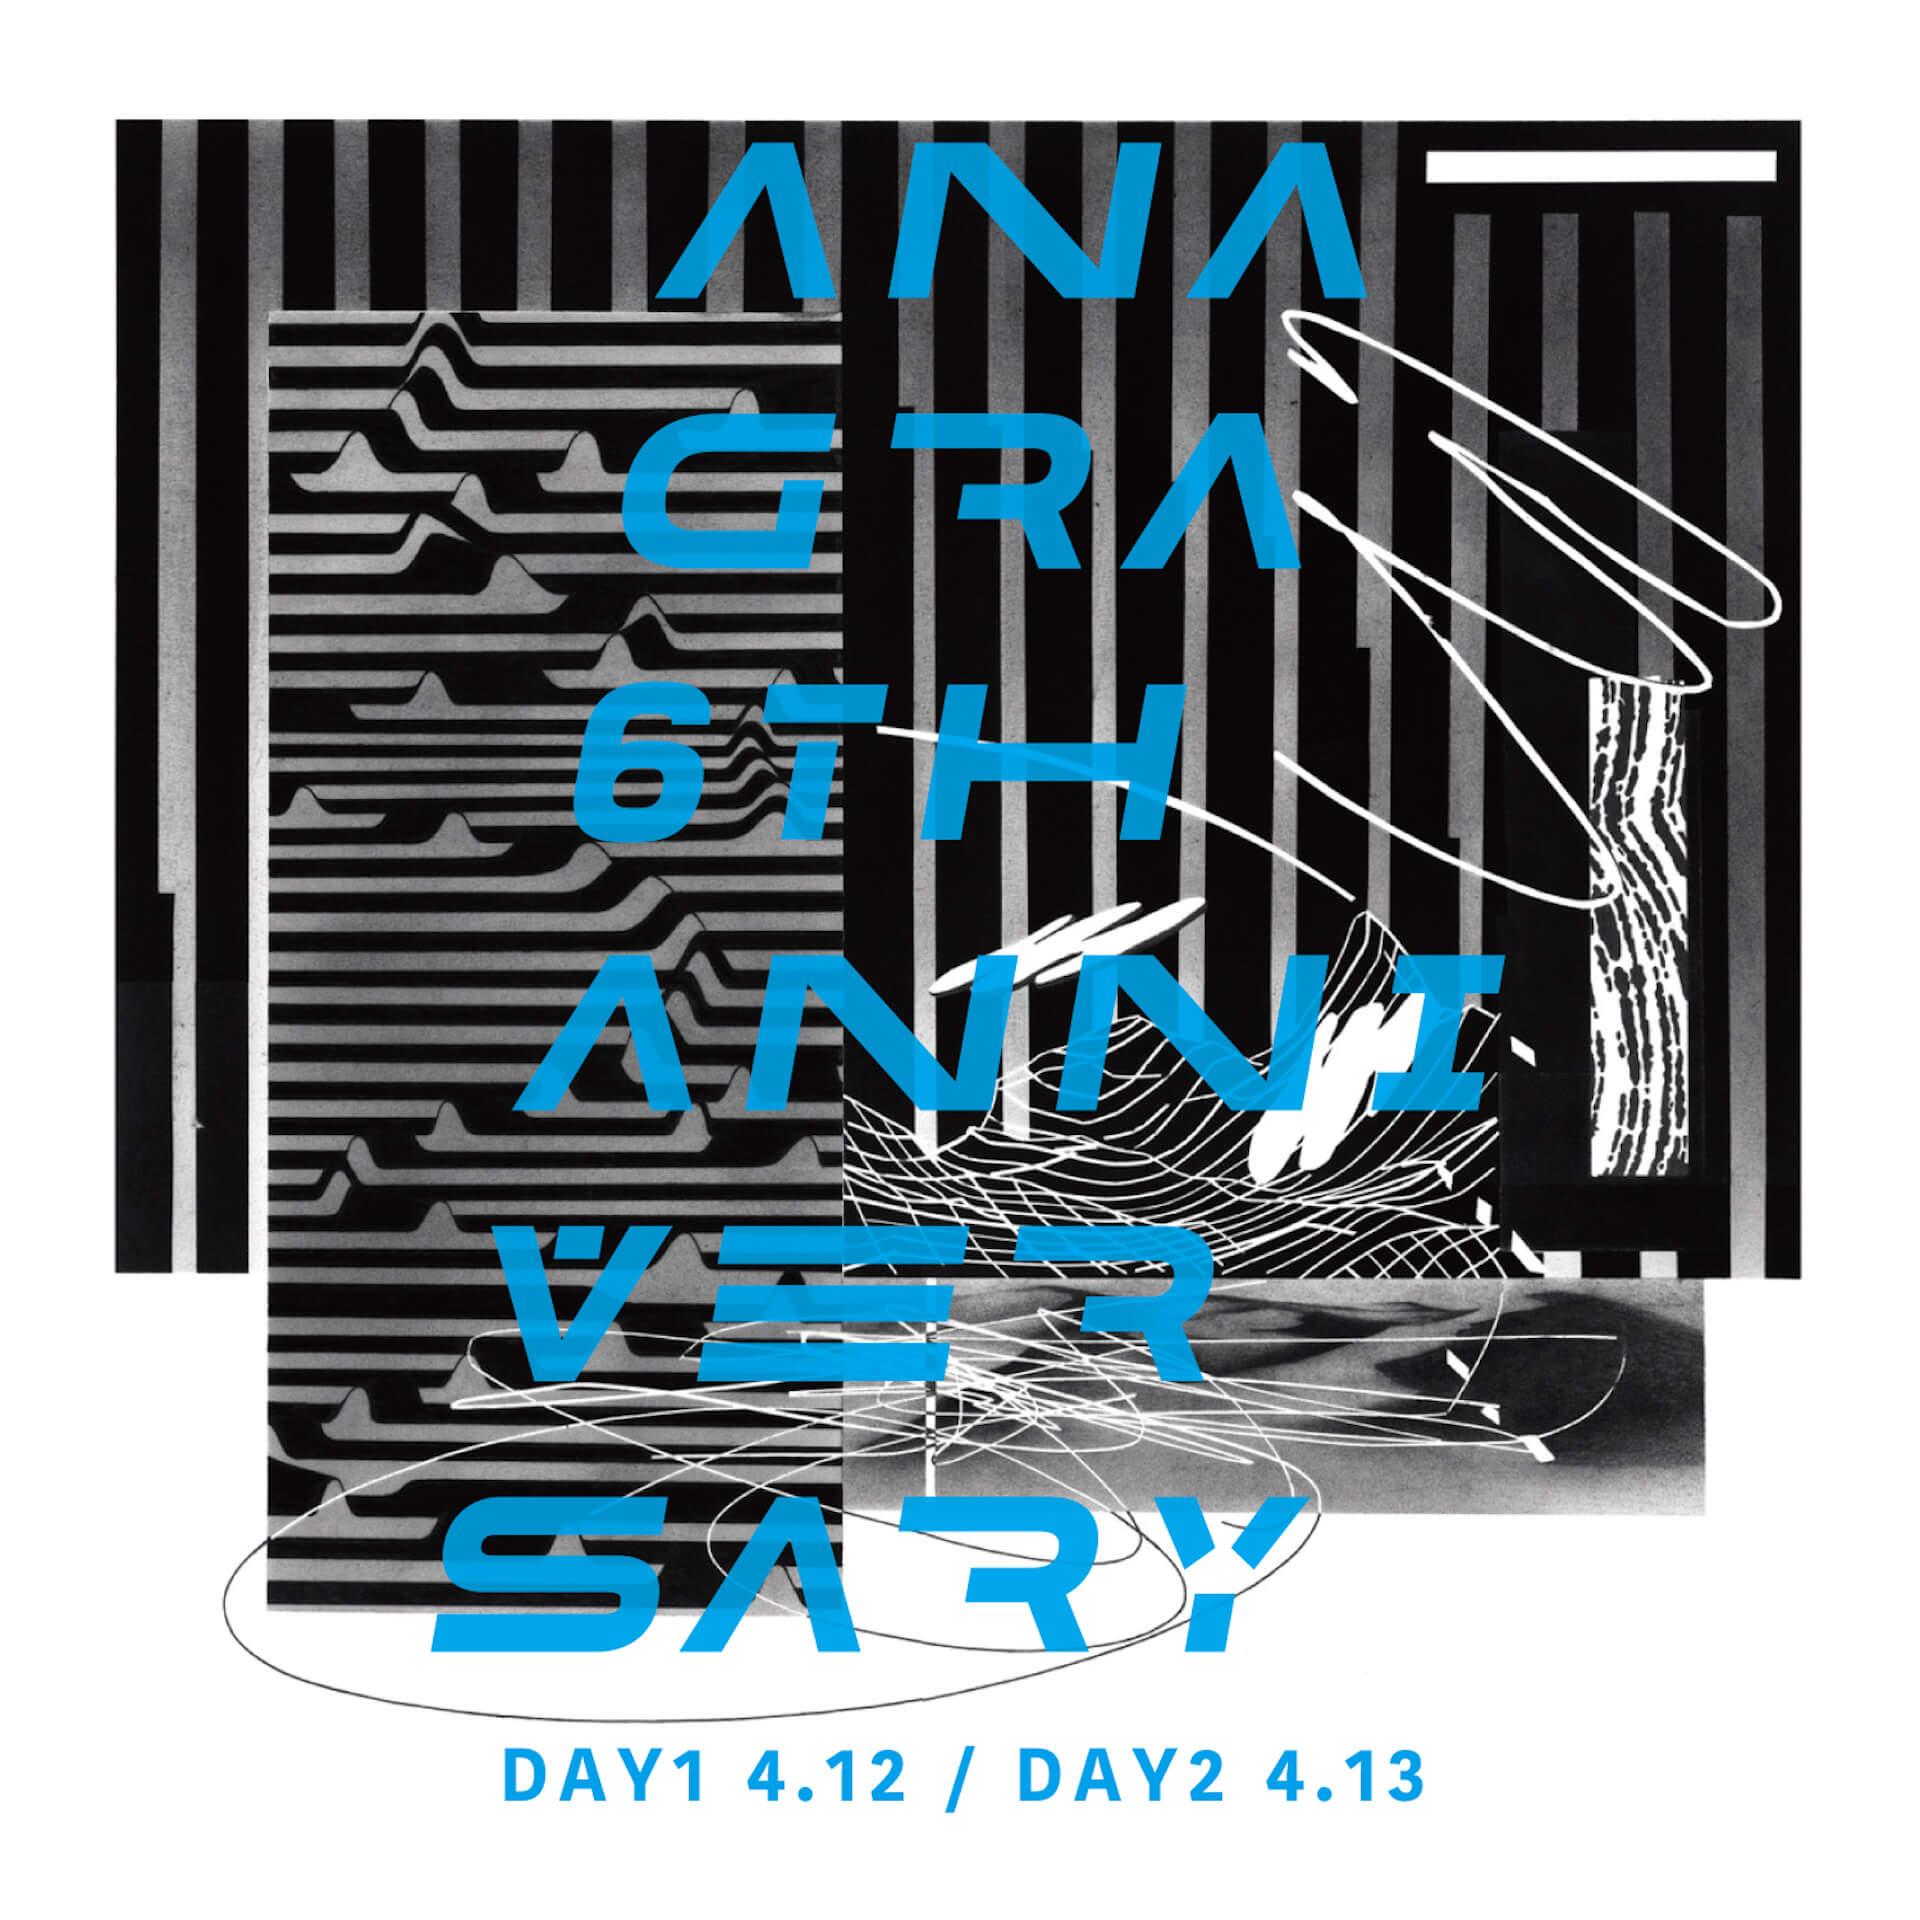 ANAGRAが6周年アニバーサリーで目にも耳にも心にも刺激的な2日間をお届け art-culture190401-anagra-21